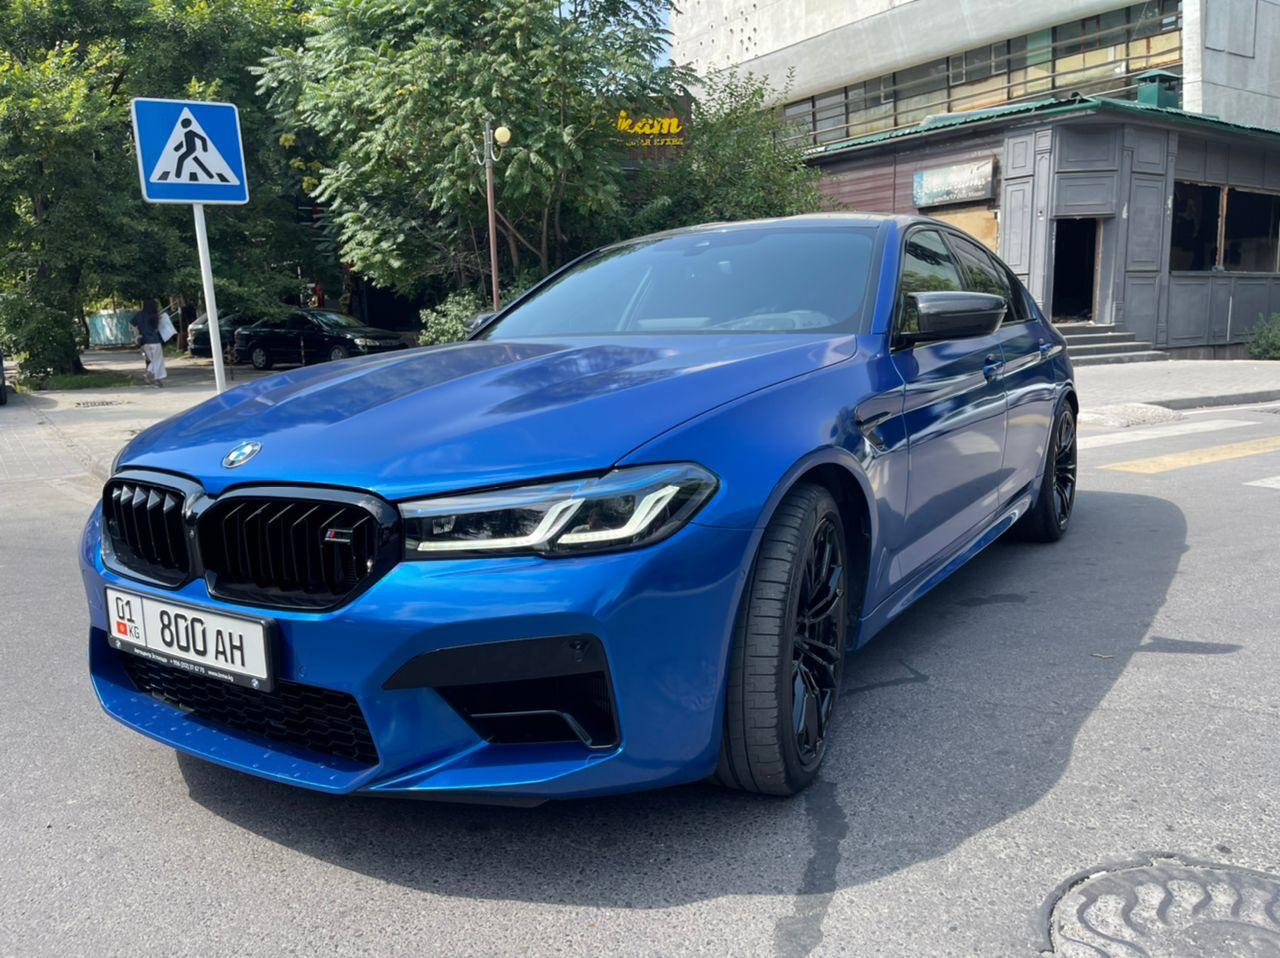 Сертифицированные подержанные автомобили BMW, автомобили с пробегом в Kyrgyzstan   BMW Kyrgyzstan